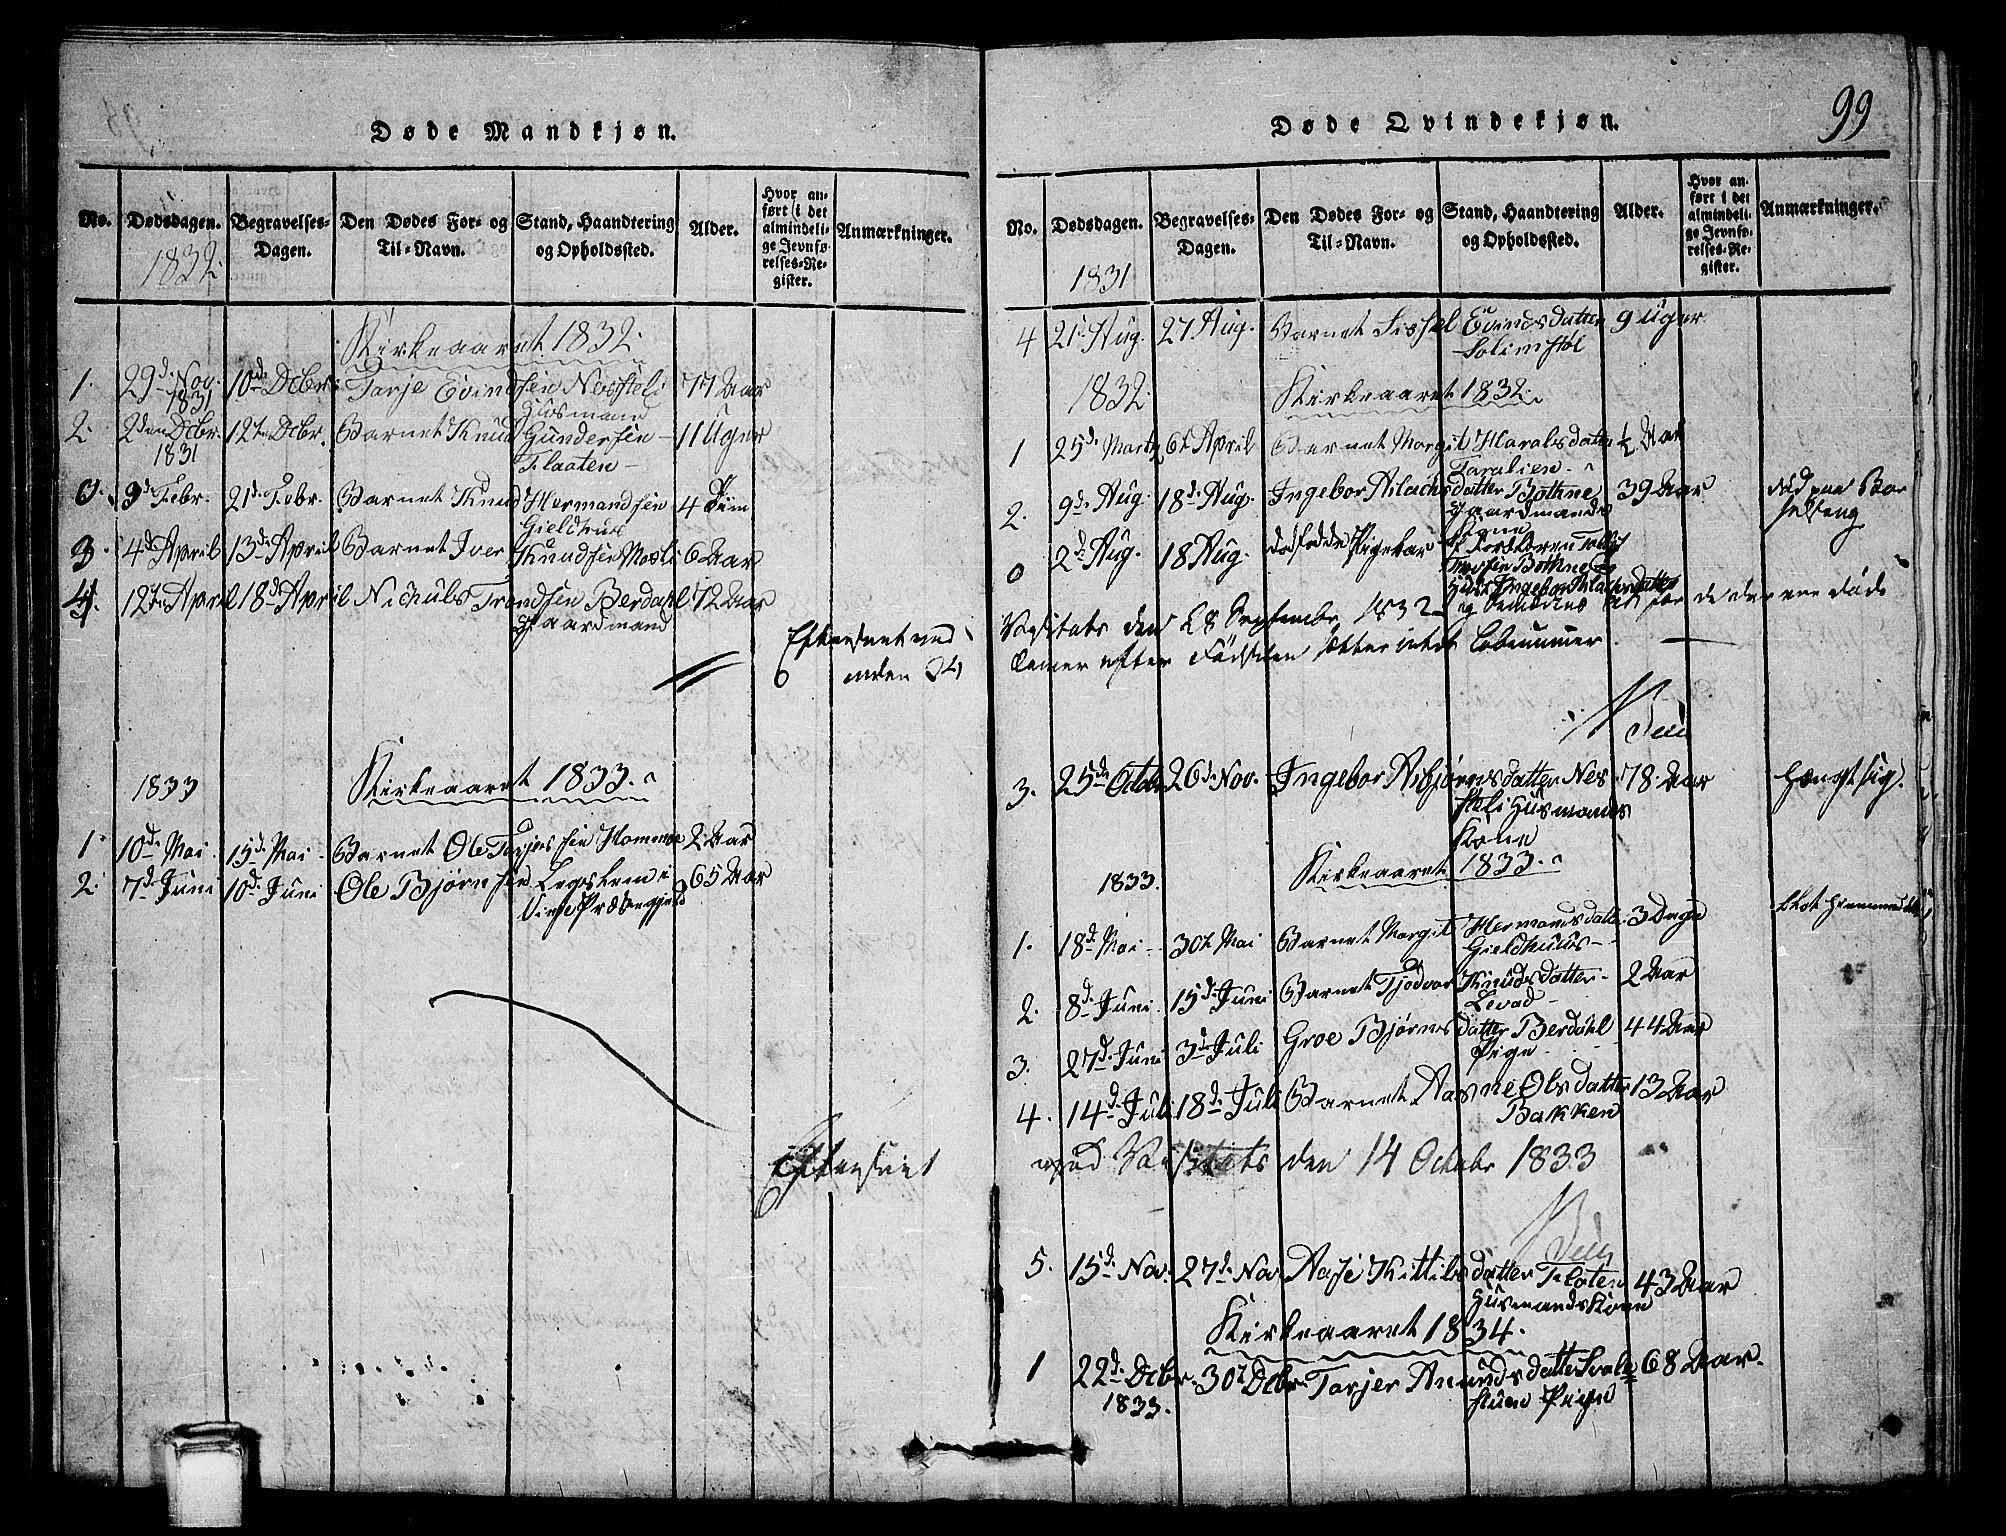 SAKO, Vinje kirkebøker, G/Gb/L0001: Klokkerbok nr. II 1, 1814-1843, s. 99